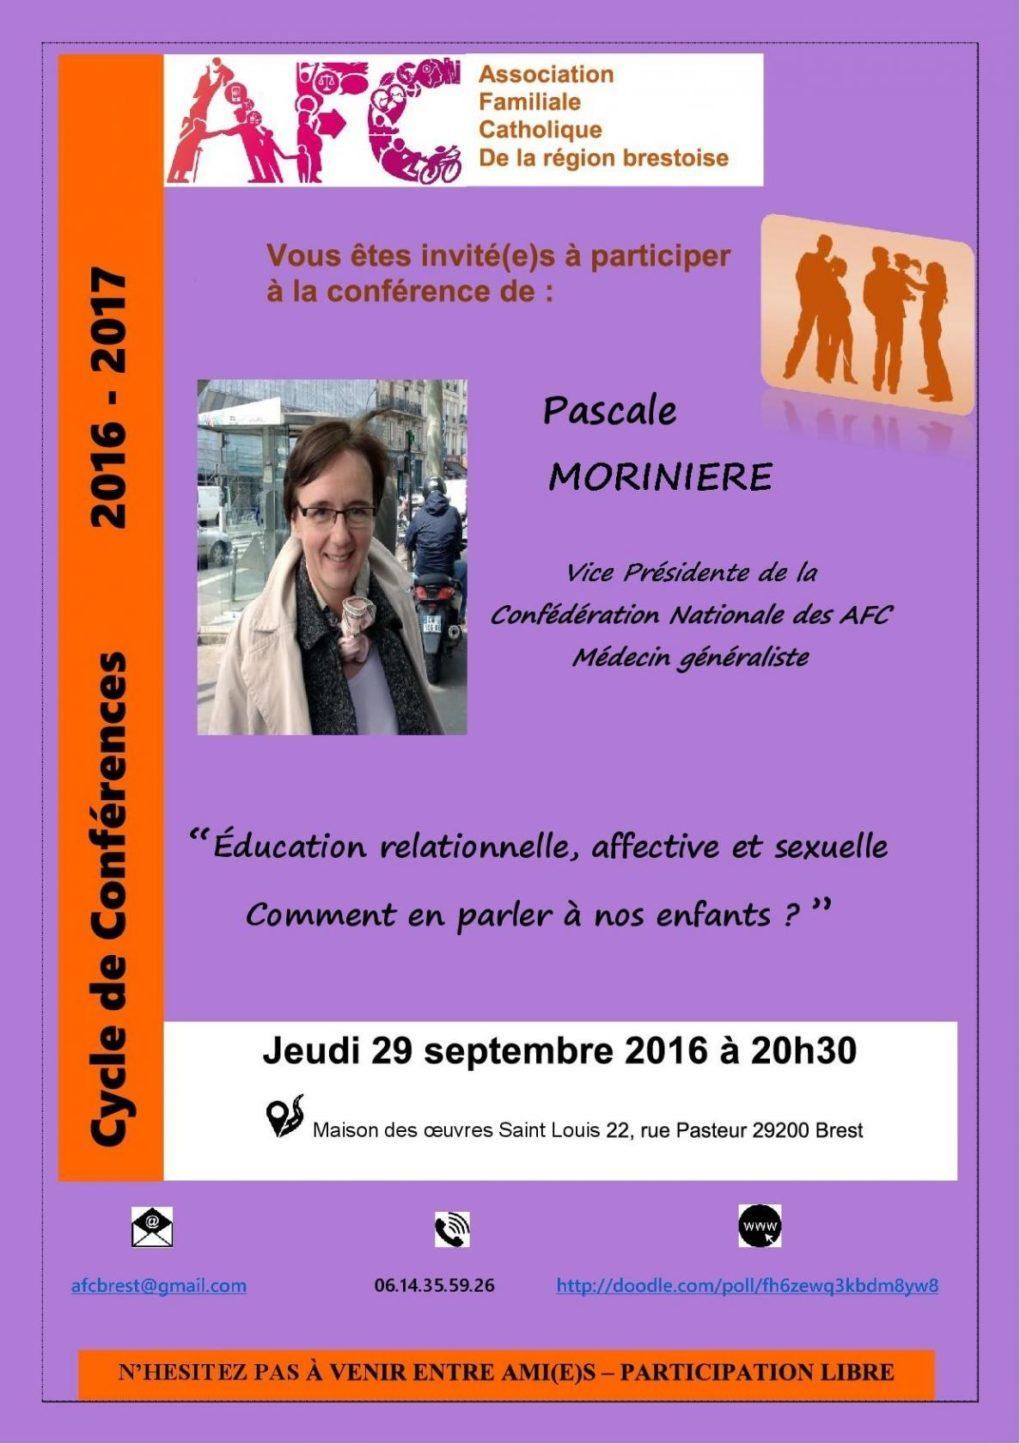 Pascale Morinière vice présidente Confédération nationale Afc Brest